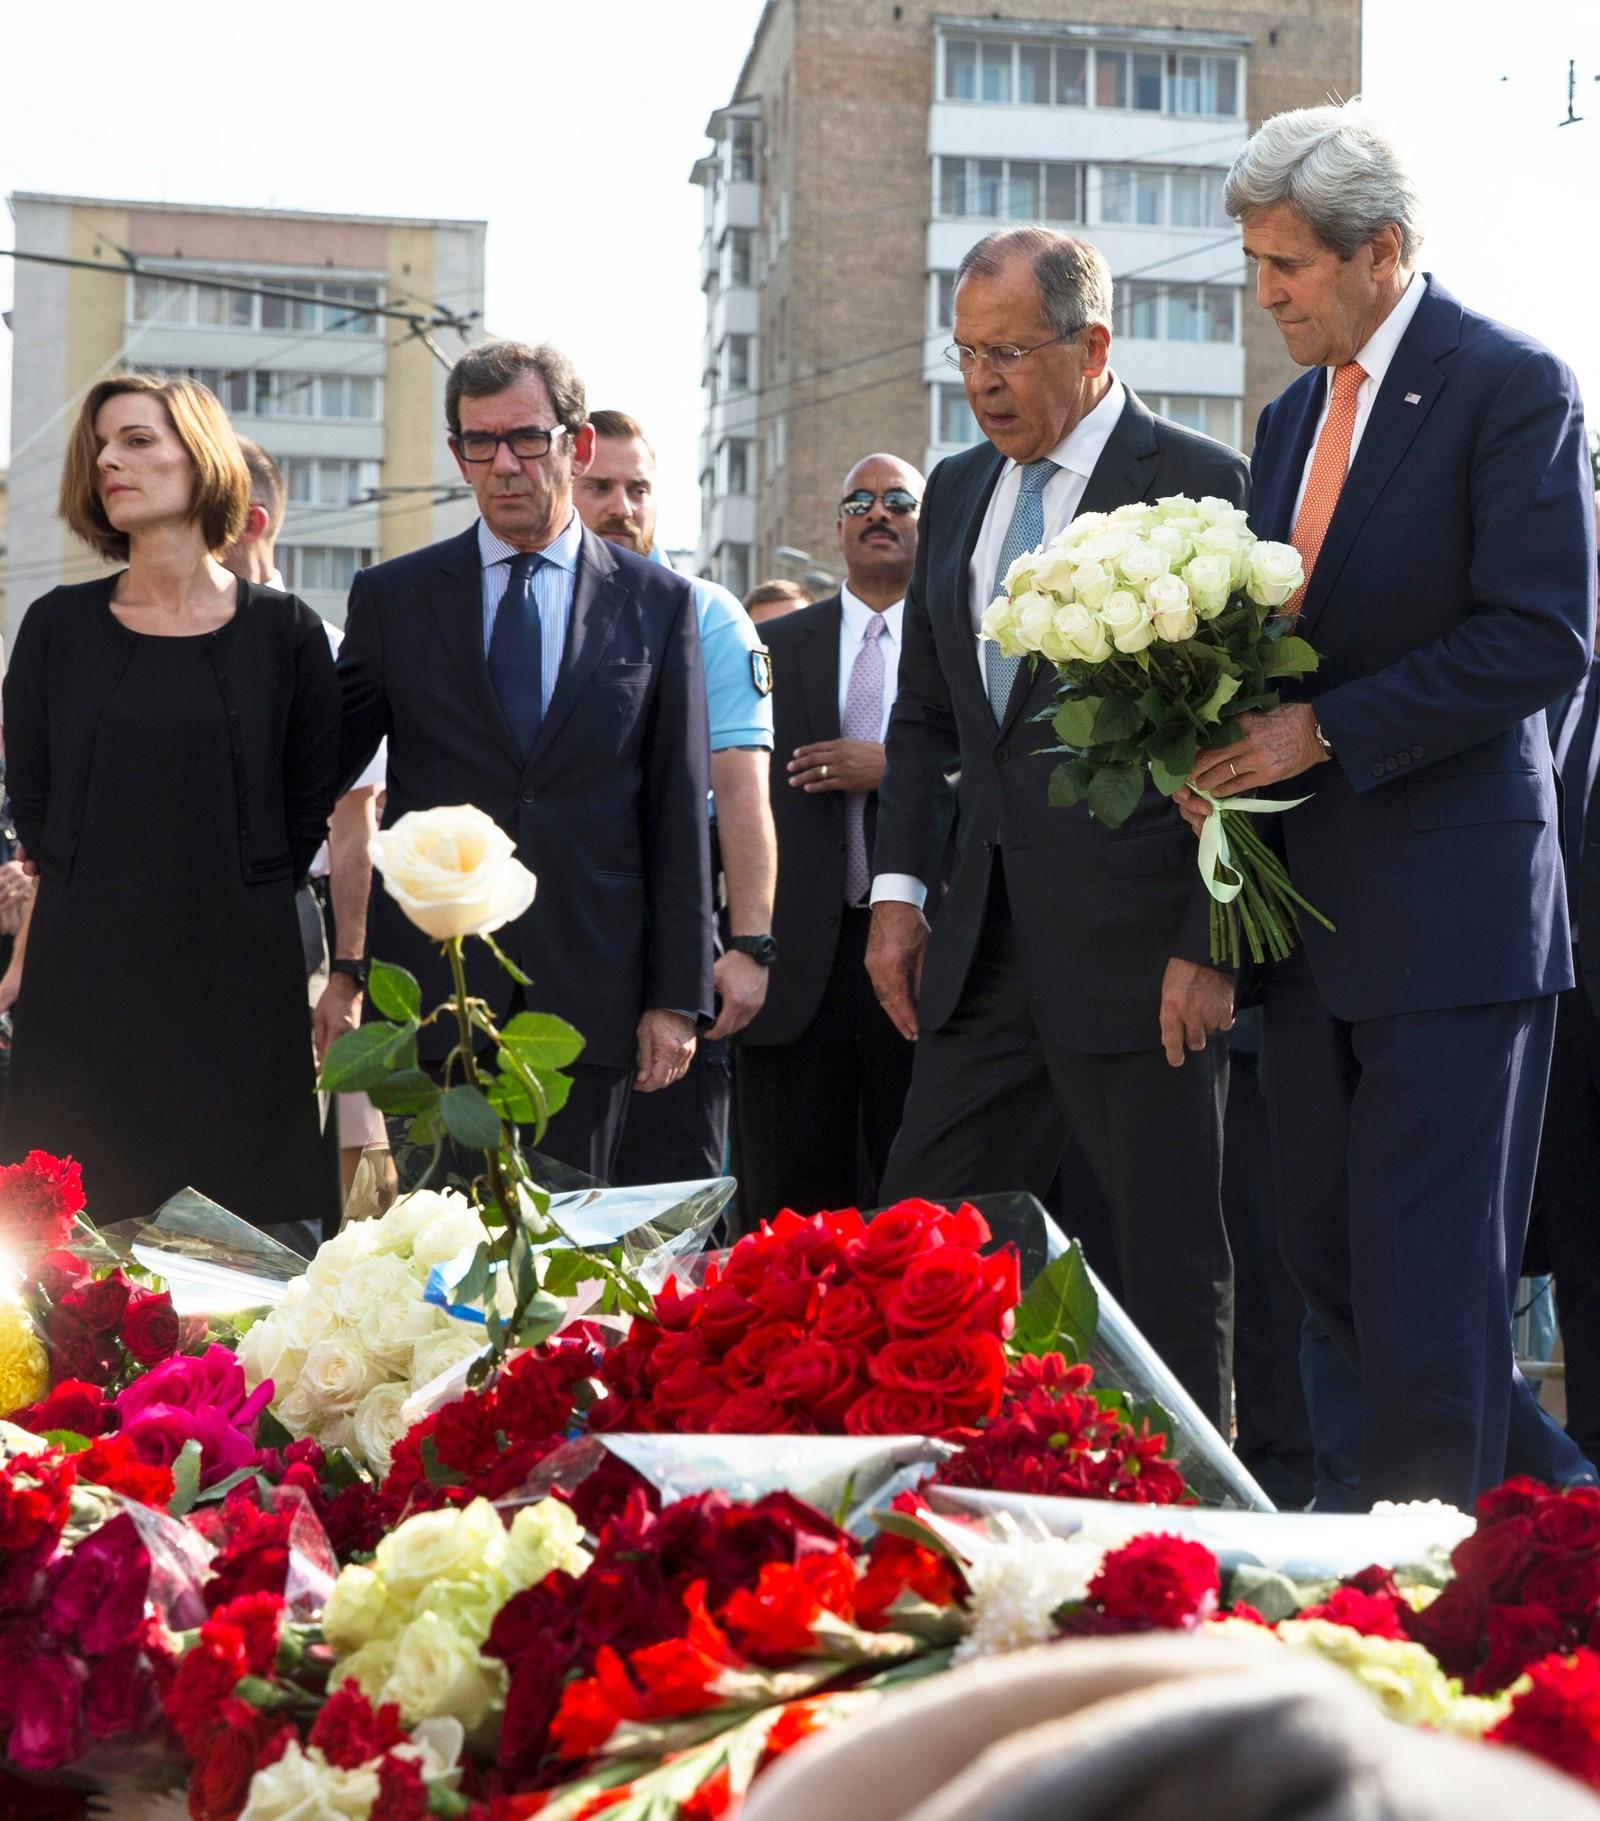 Sergej Lavrov og John Kerry nedlegger blomster foran den franske ambassaden i Moskva, til minne om terrorofrene i Nice.